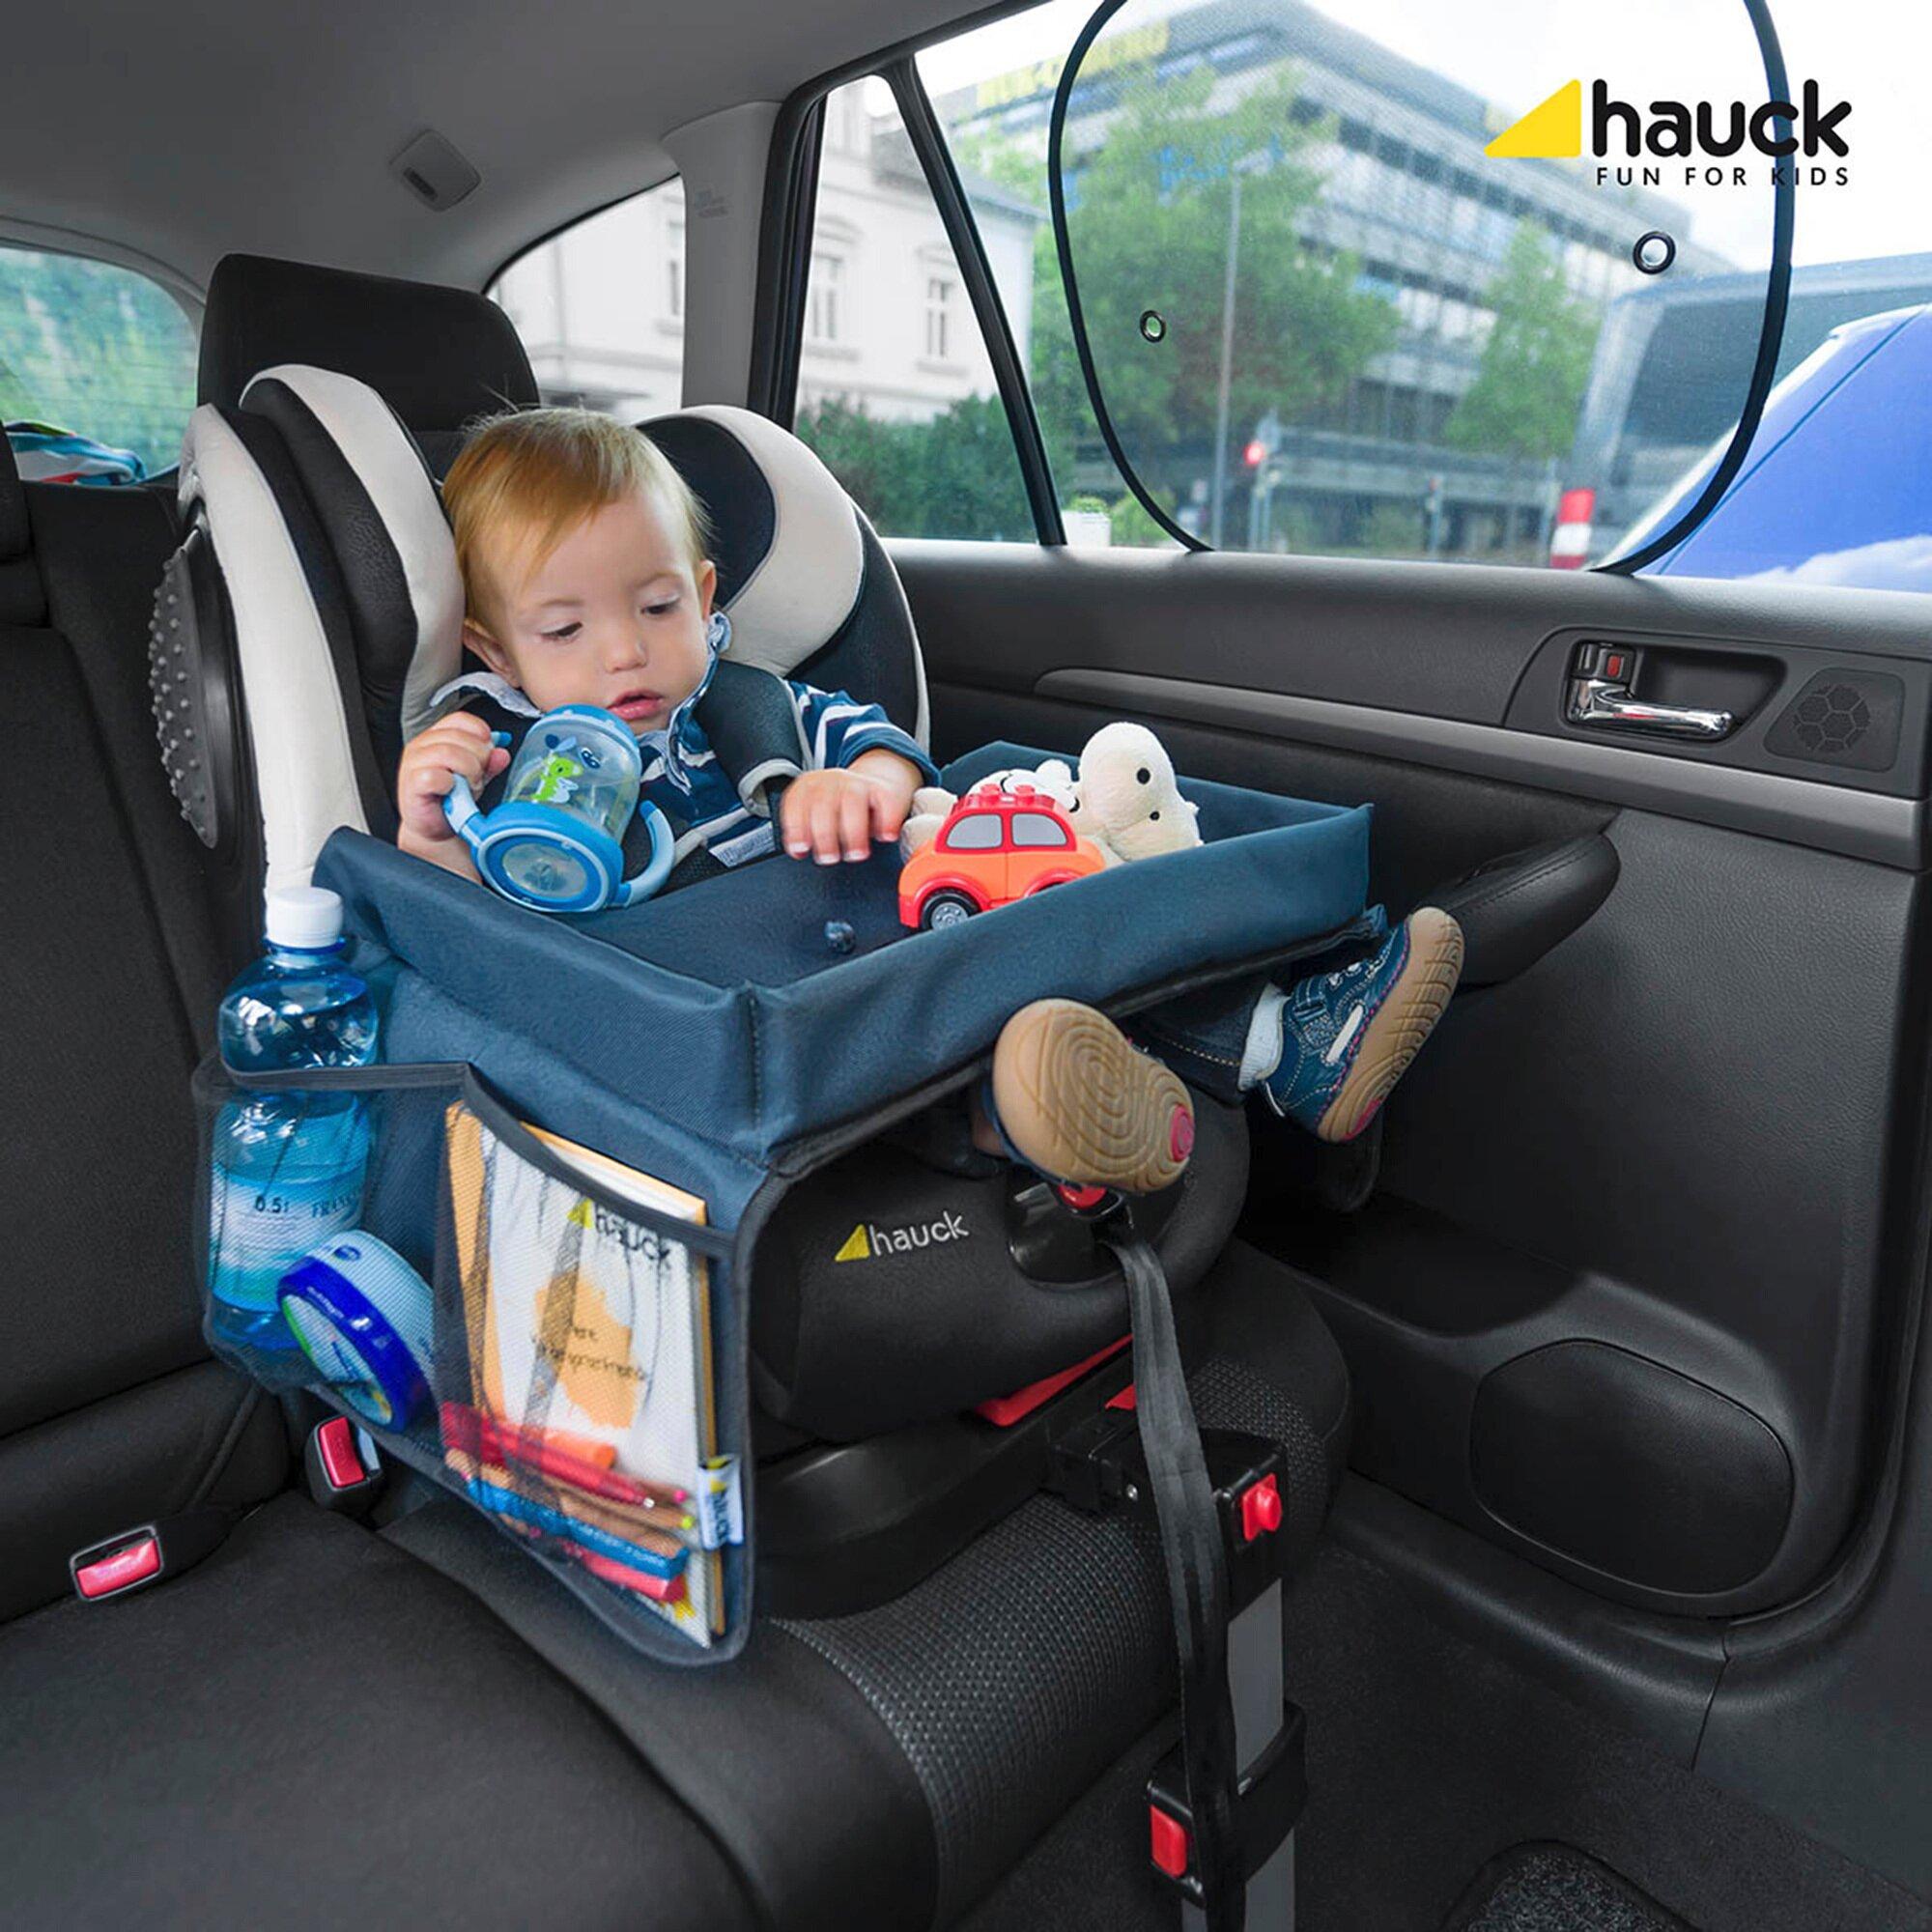 hauck-spieltisch-fur-kindersitz-play-on-me-design-2016-schwarz